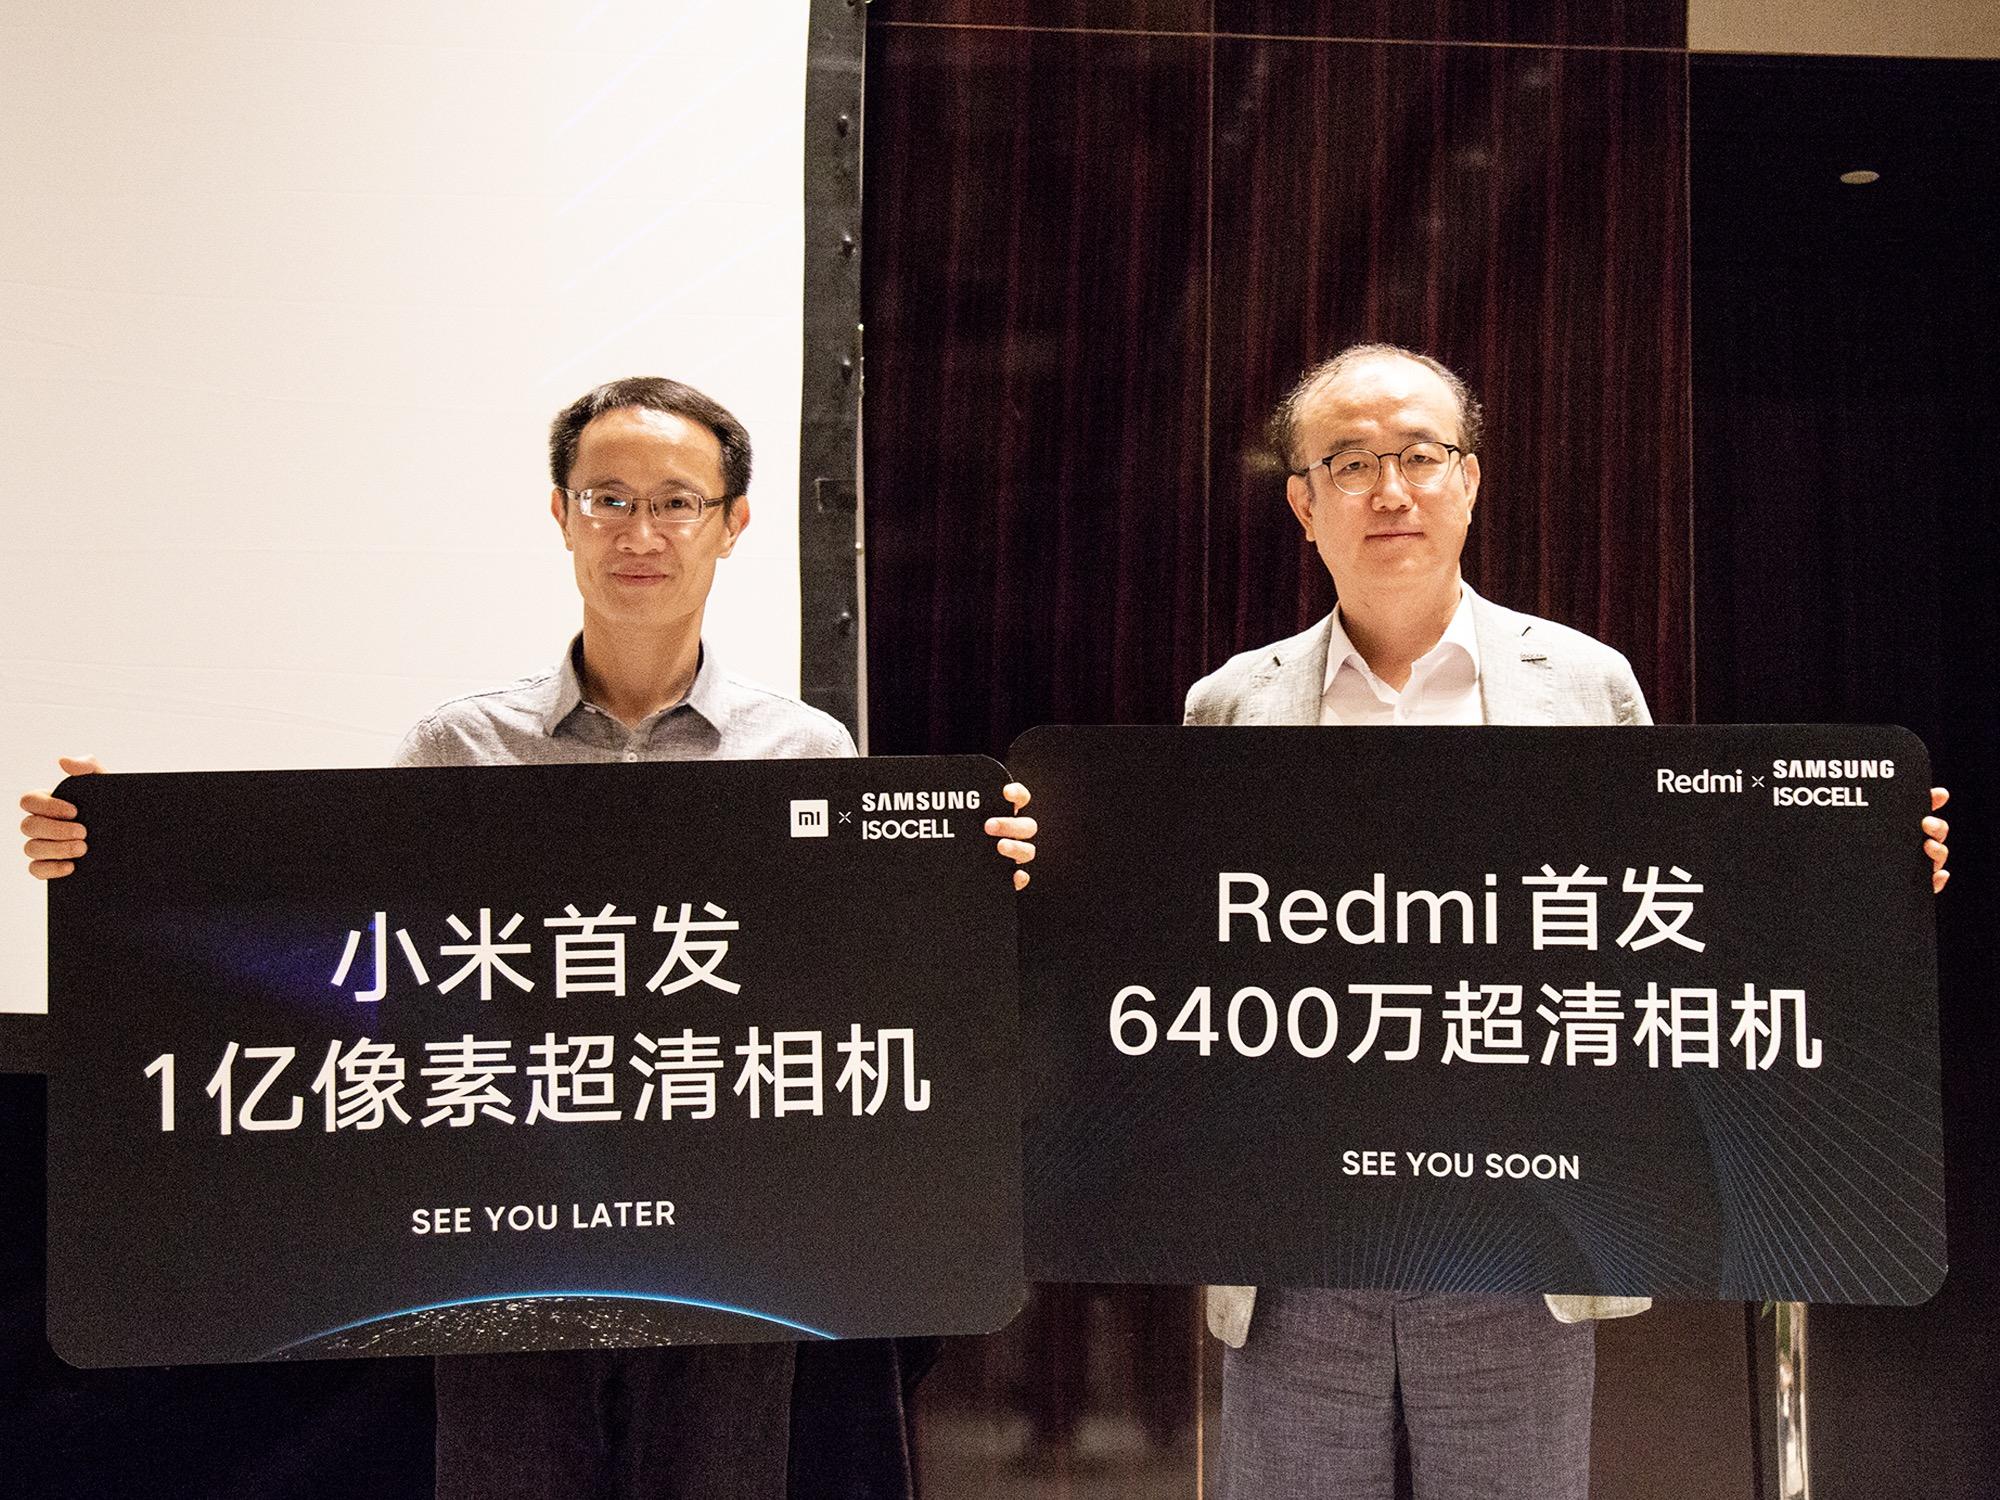 Redmi 攜手三星全球首發6400萬畫素   小米 更祭出1億畫素